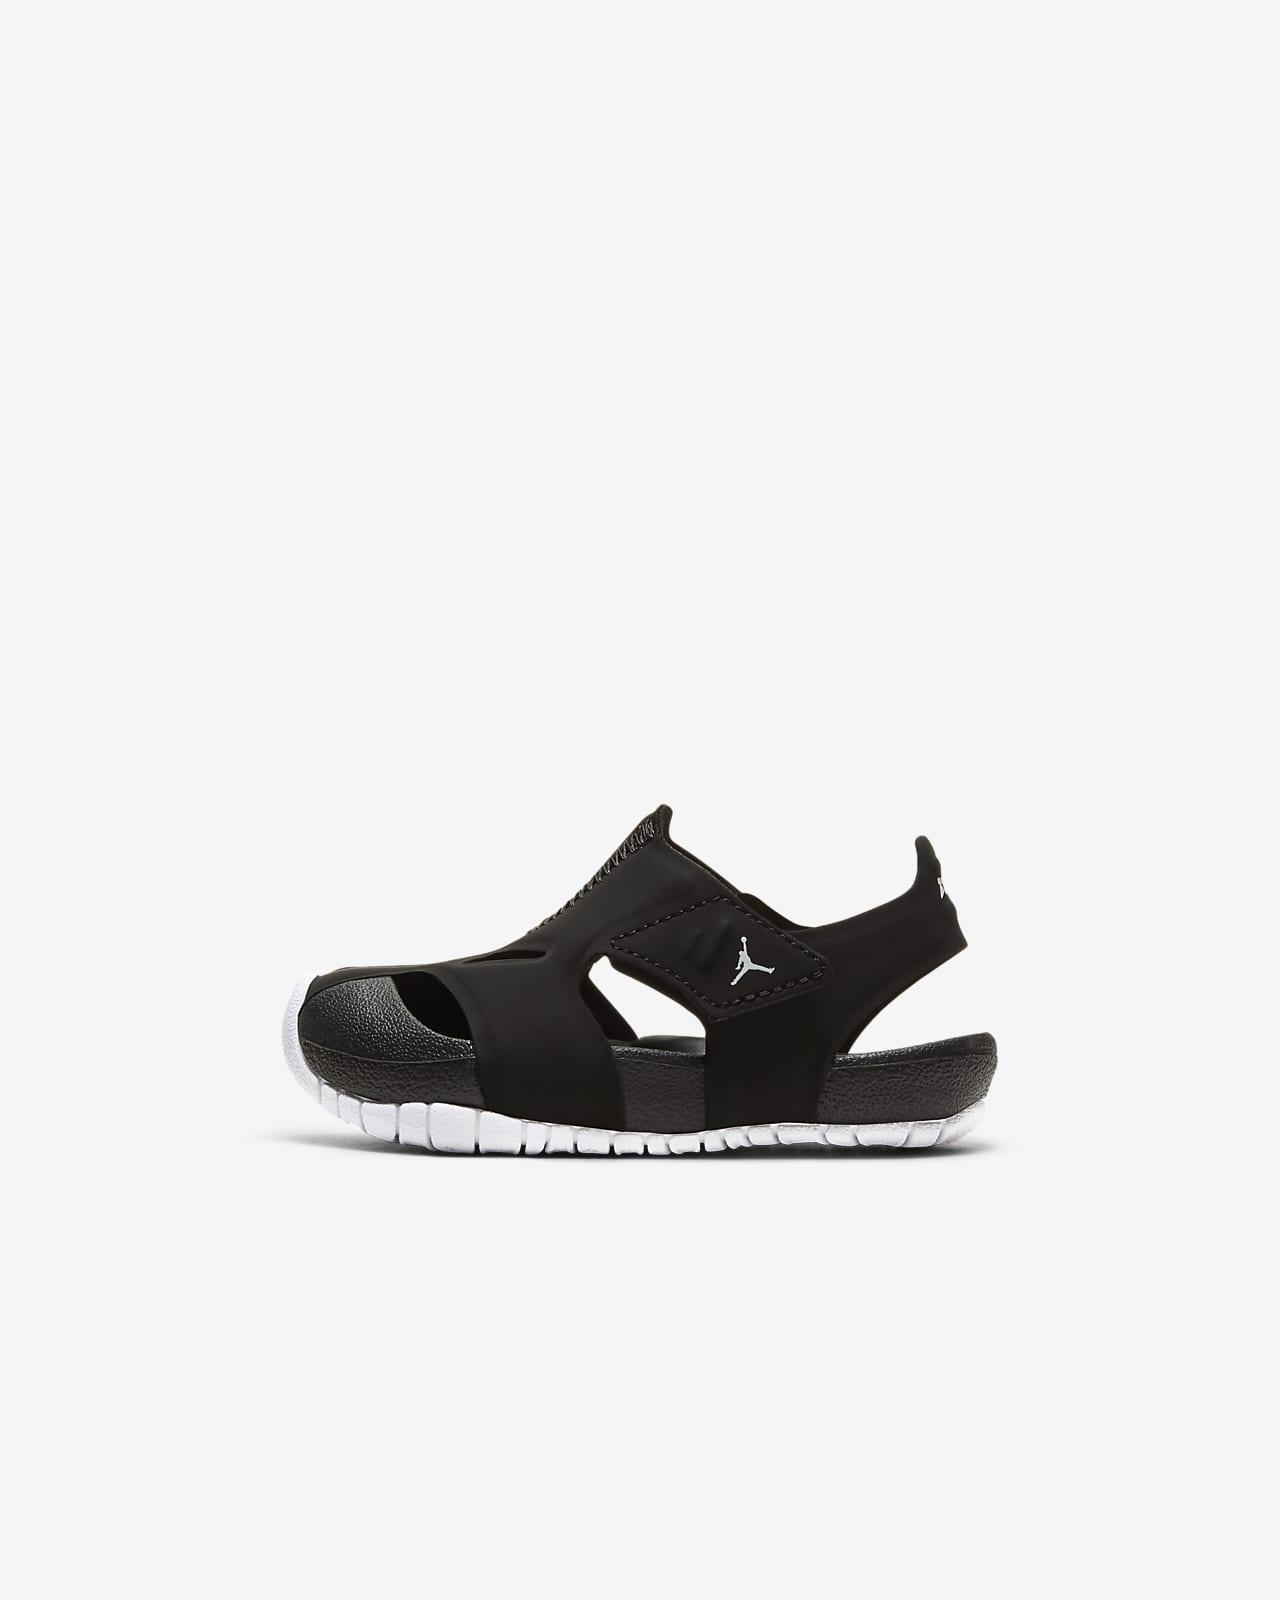 Jordan Flare Infant/Toddler Shoe